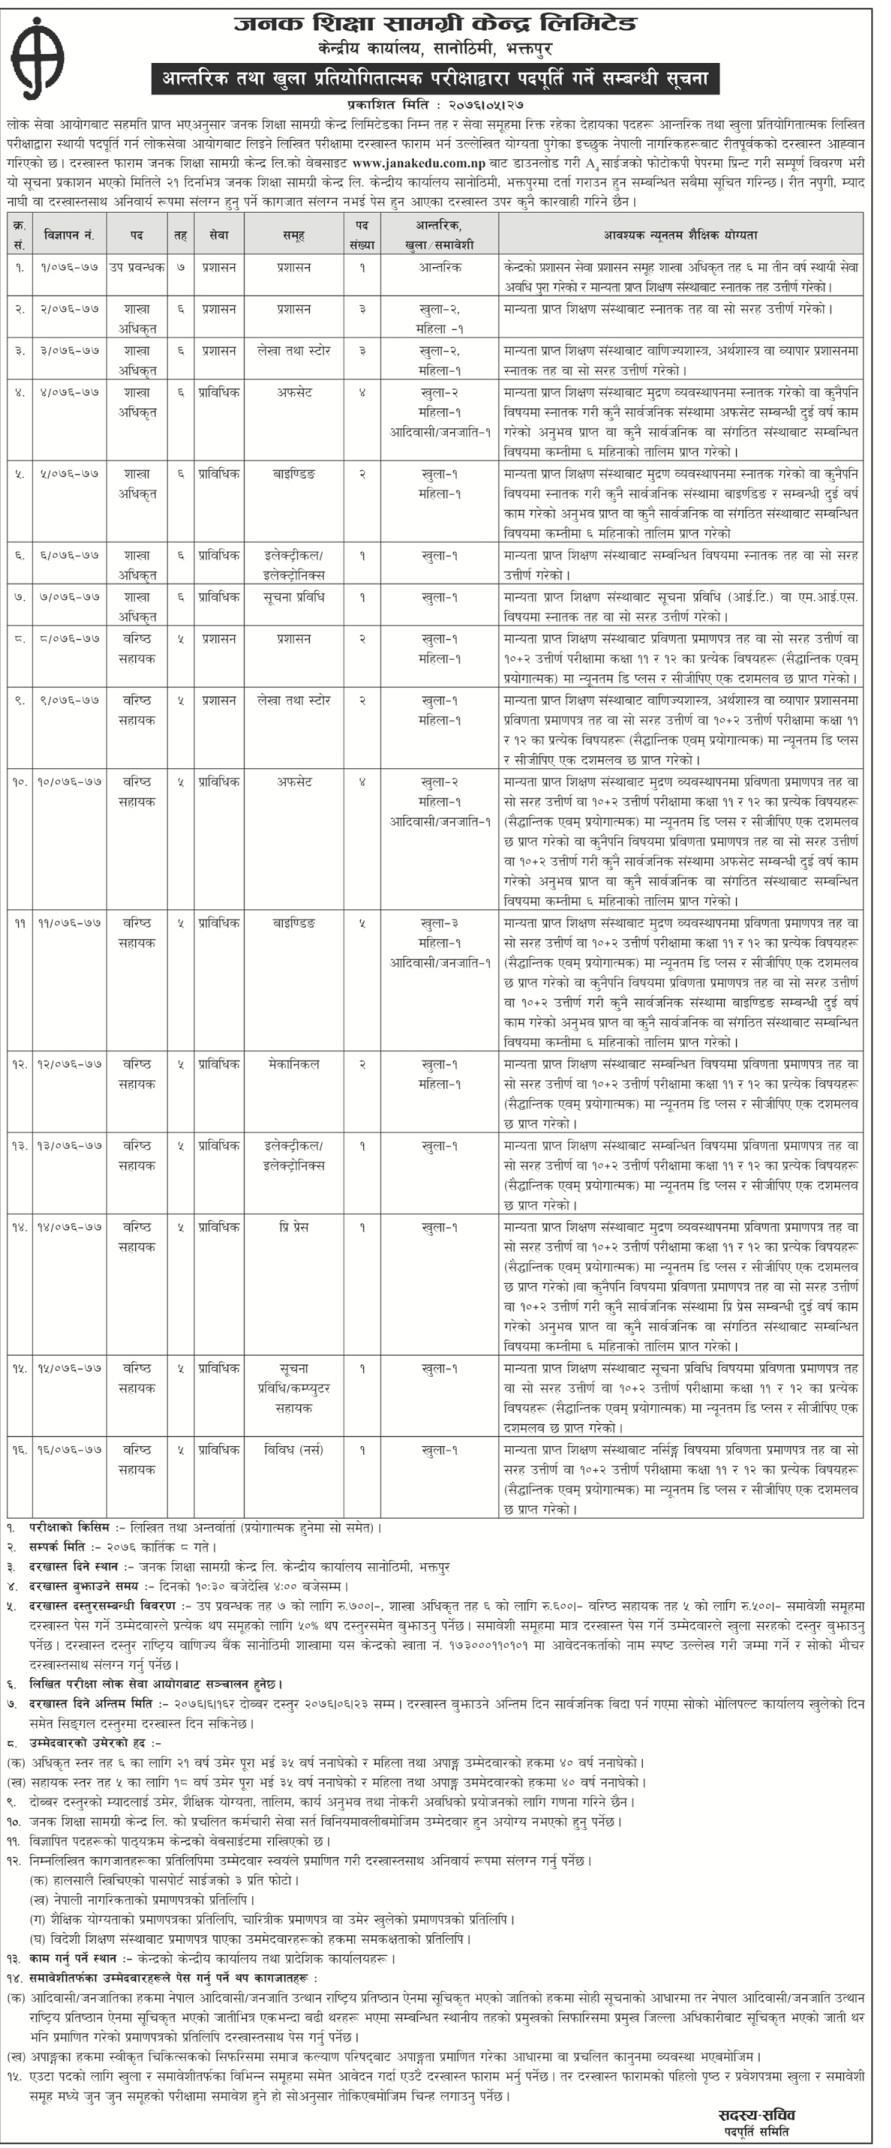 जनक शिक्षाले माग्यो विभिन्न पदमा ३४ कर्मचारी (विज्ञापनसहित)